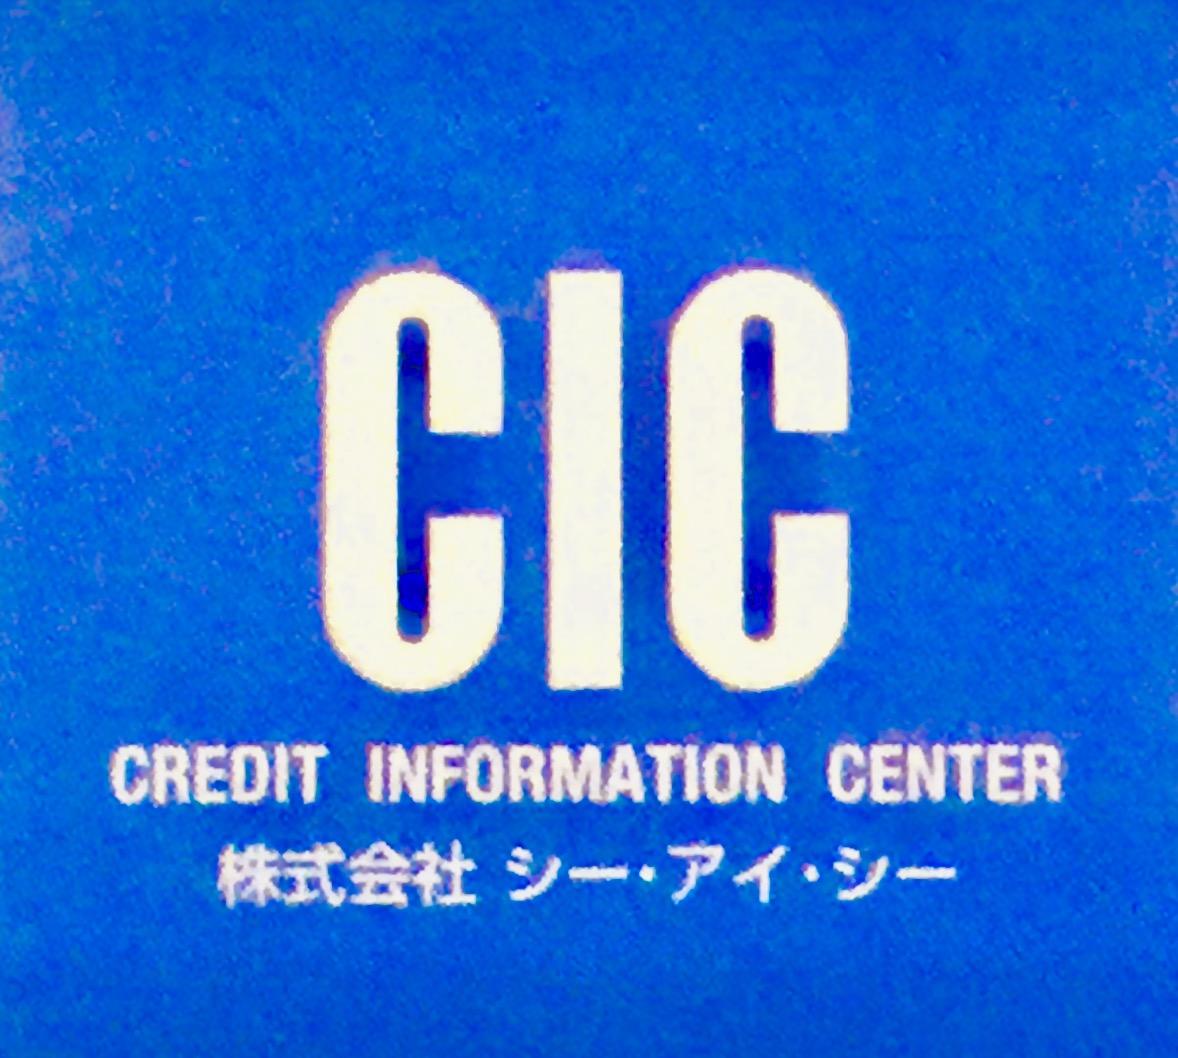 CIC(指定信用情報機関)のロゴマークの画像